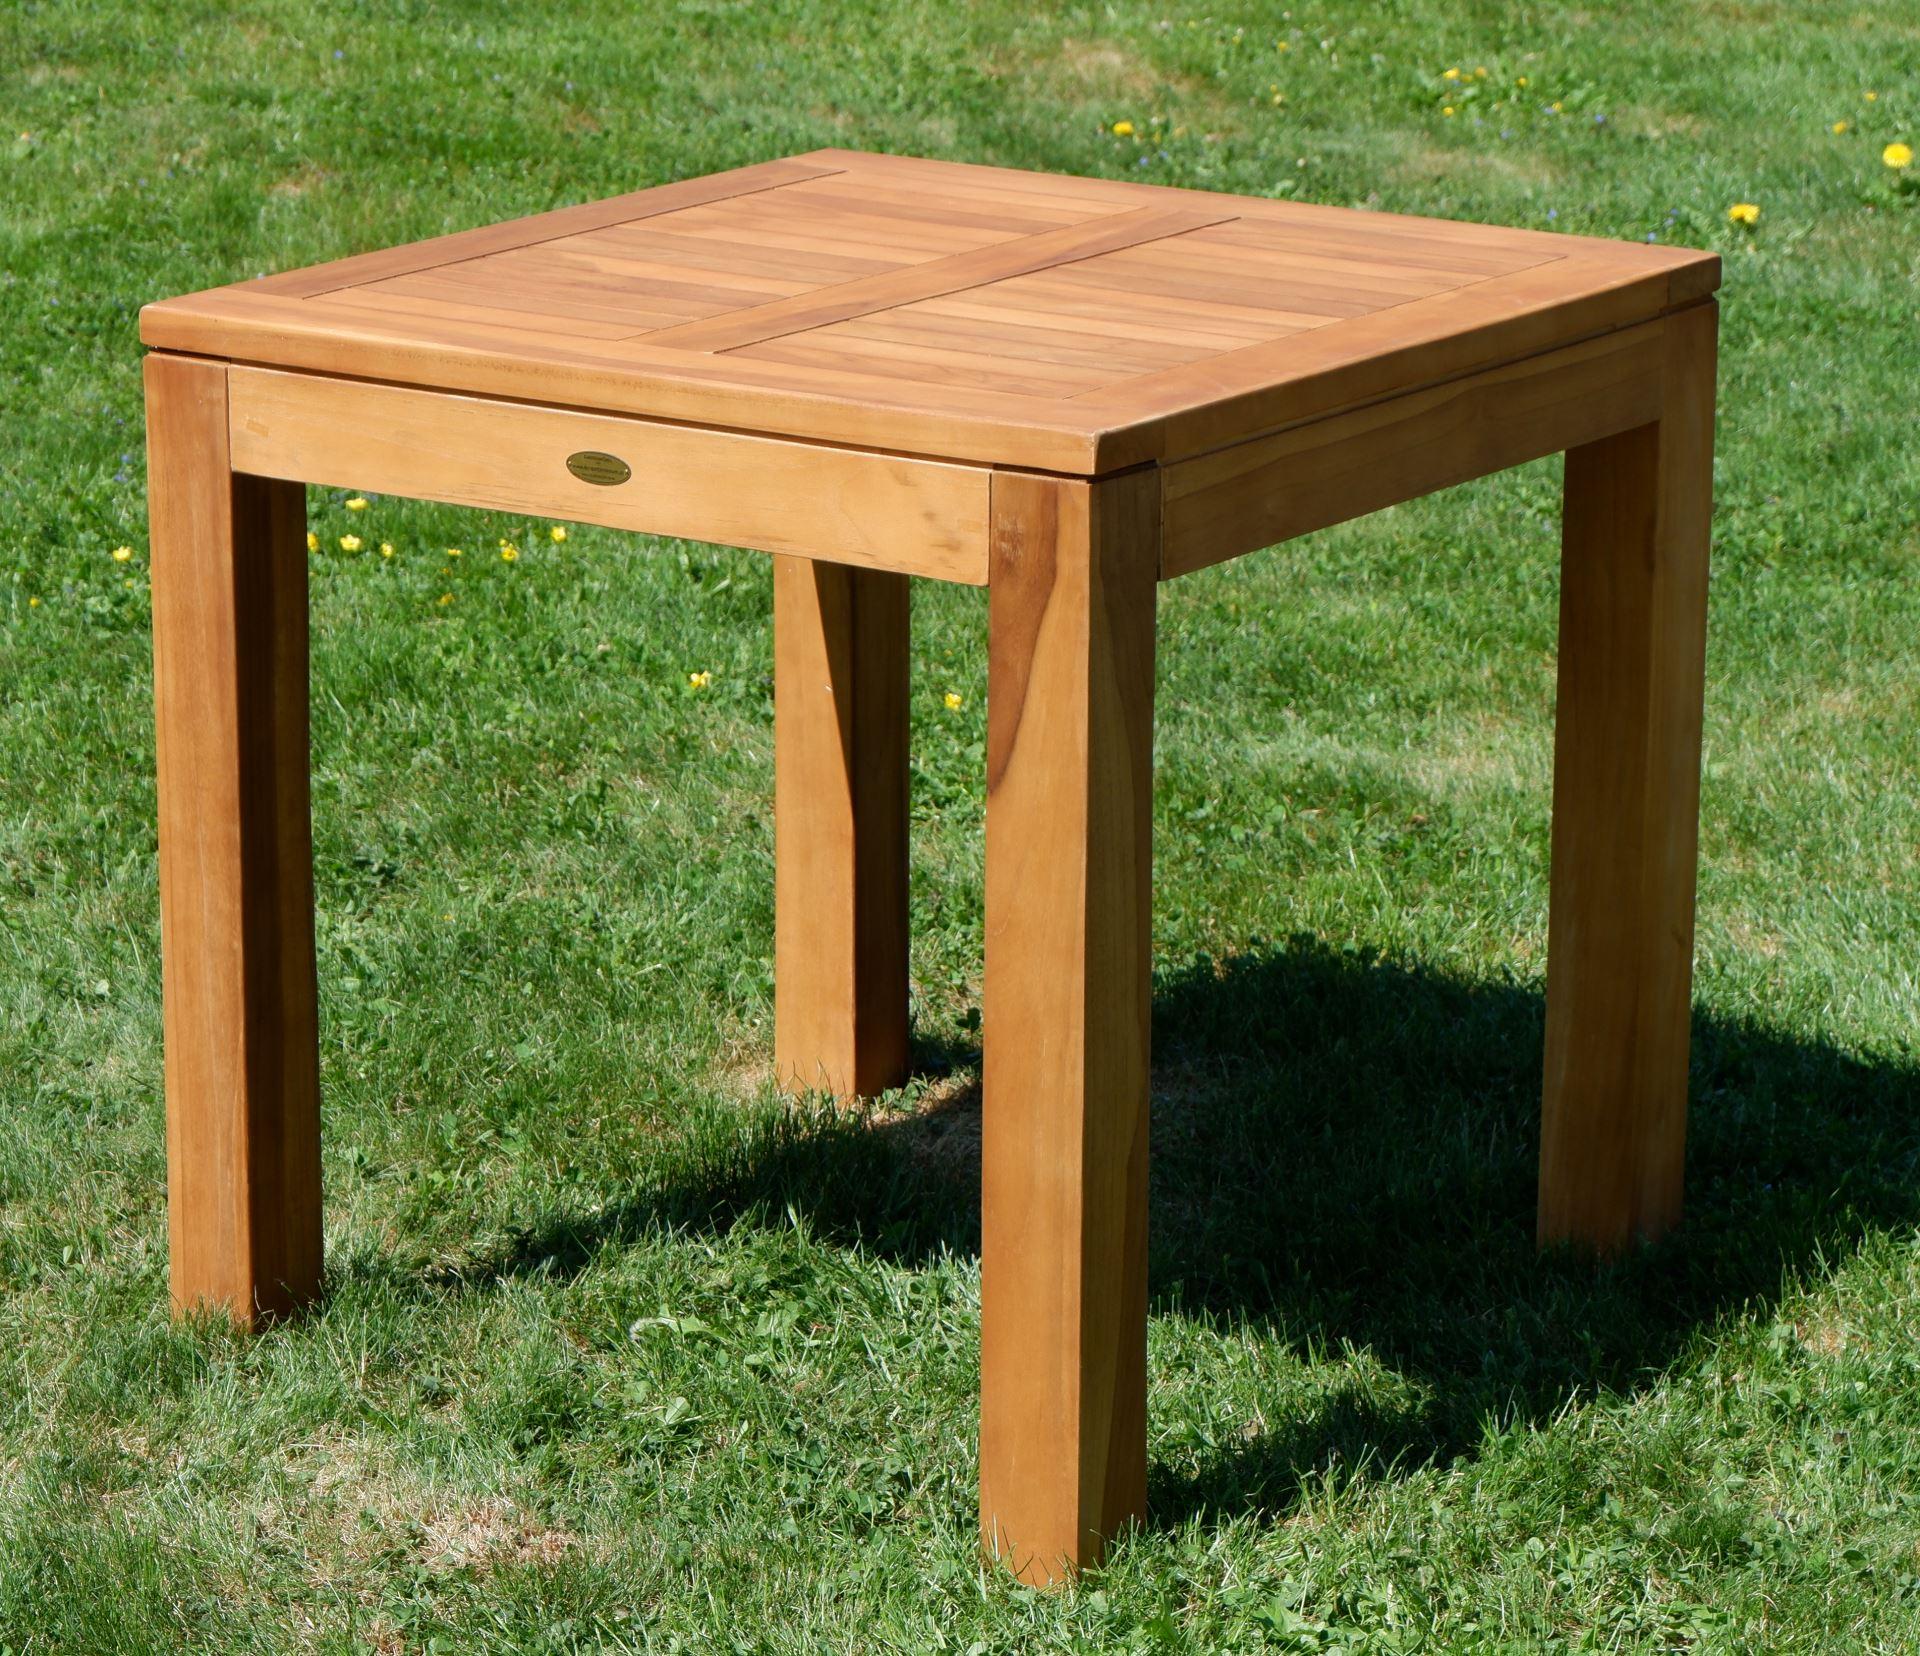 Gartentisch Holz 80x80 Divero Holztisch Gartentisch Teakholz 80 X